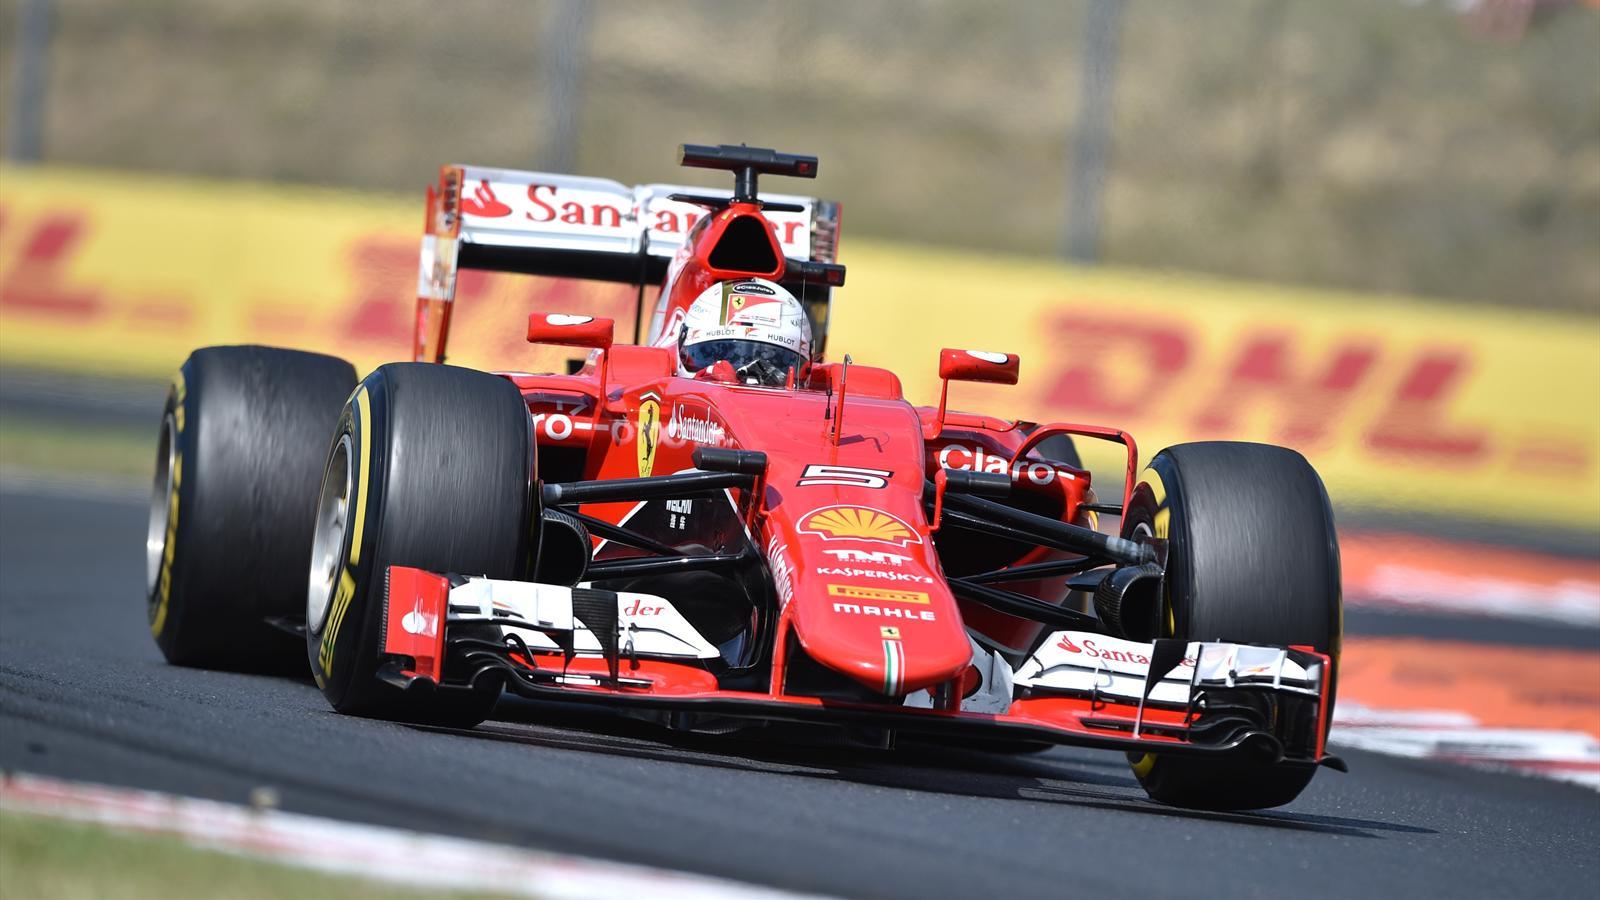 Vettel vainqueur les mercedes dans tous leurs tats une vraie course de dingues grand - Formule vitesse de coupe ...